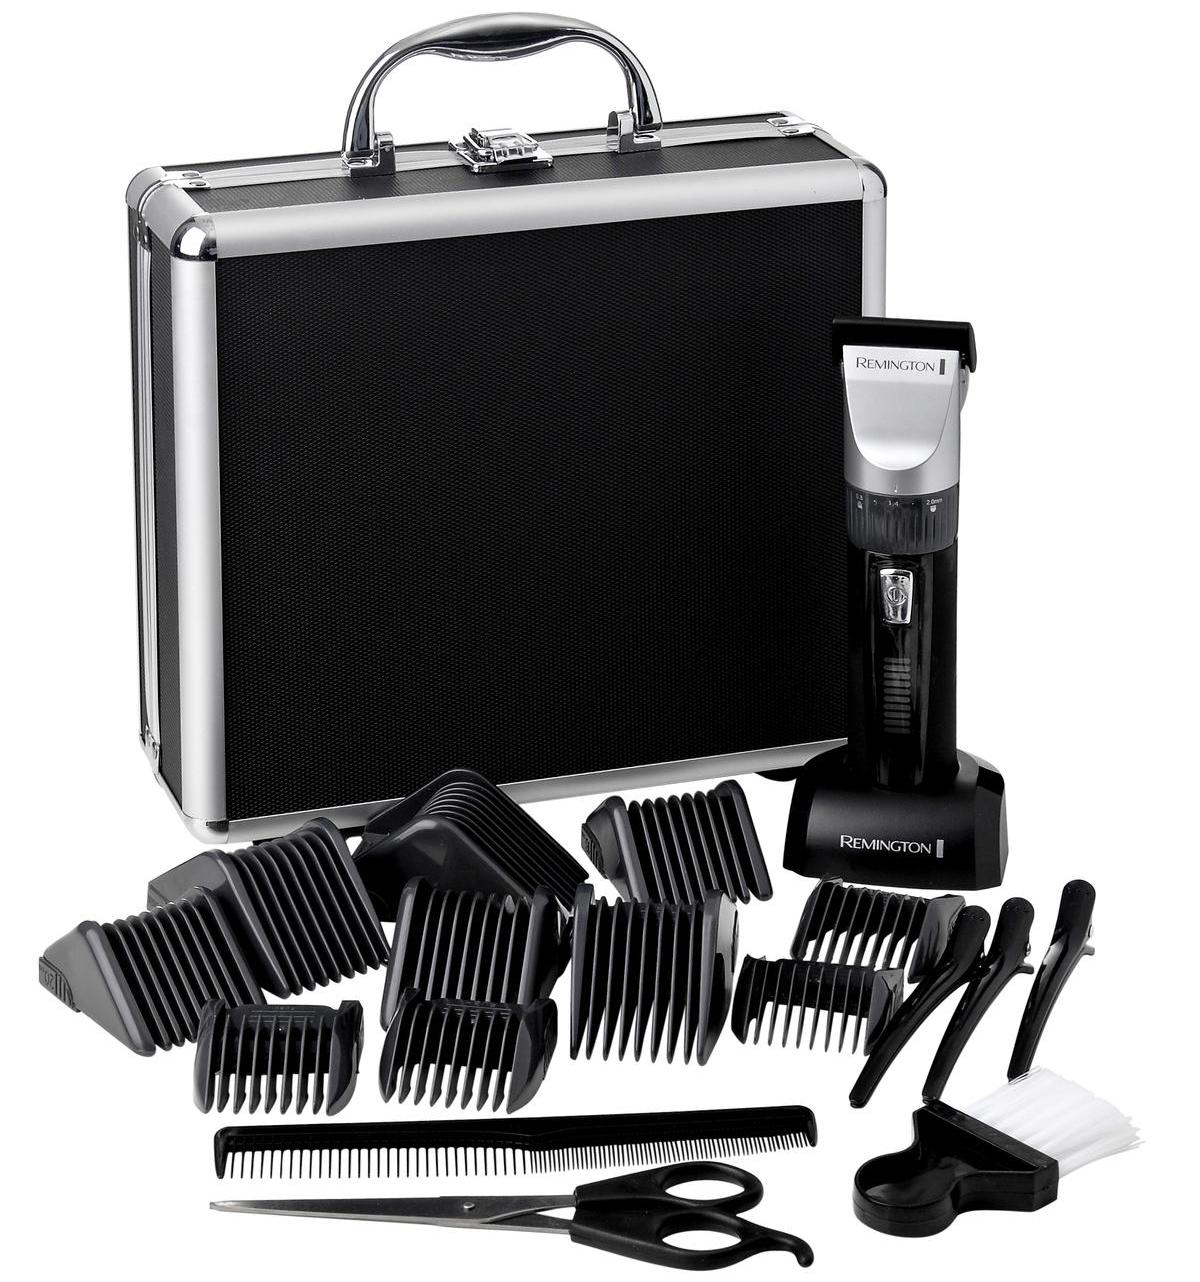 remington hc5810 la tondeuse cheveux pro pas cher. Black Bedroom Furniture Sets. Home Design Ideas